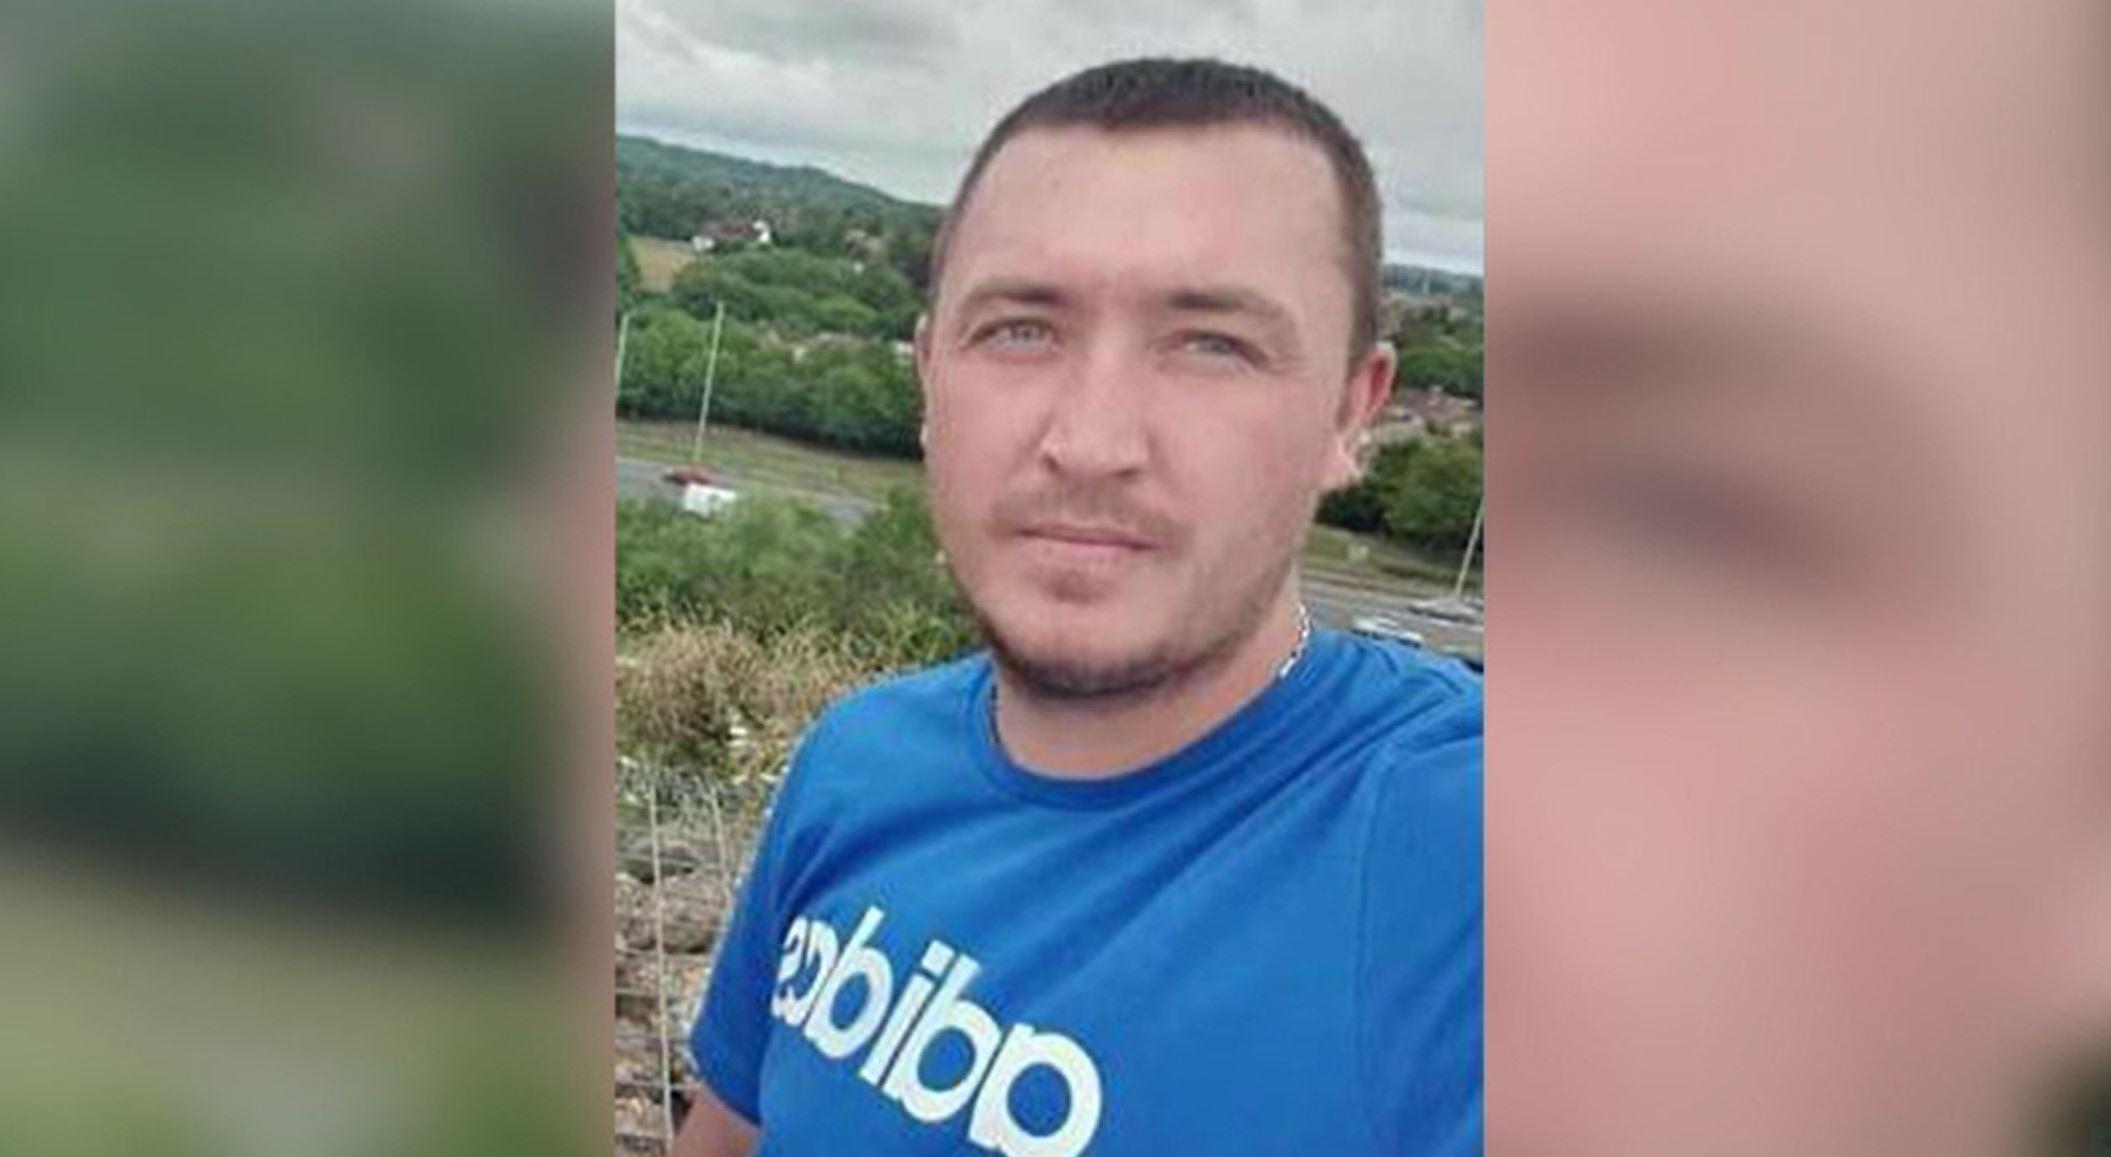 Bărbat din Neamț, dispărut misterios în Slovacia. A plecat să cumpere apă și de atunci este de negăsit